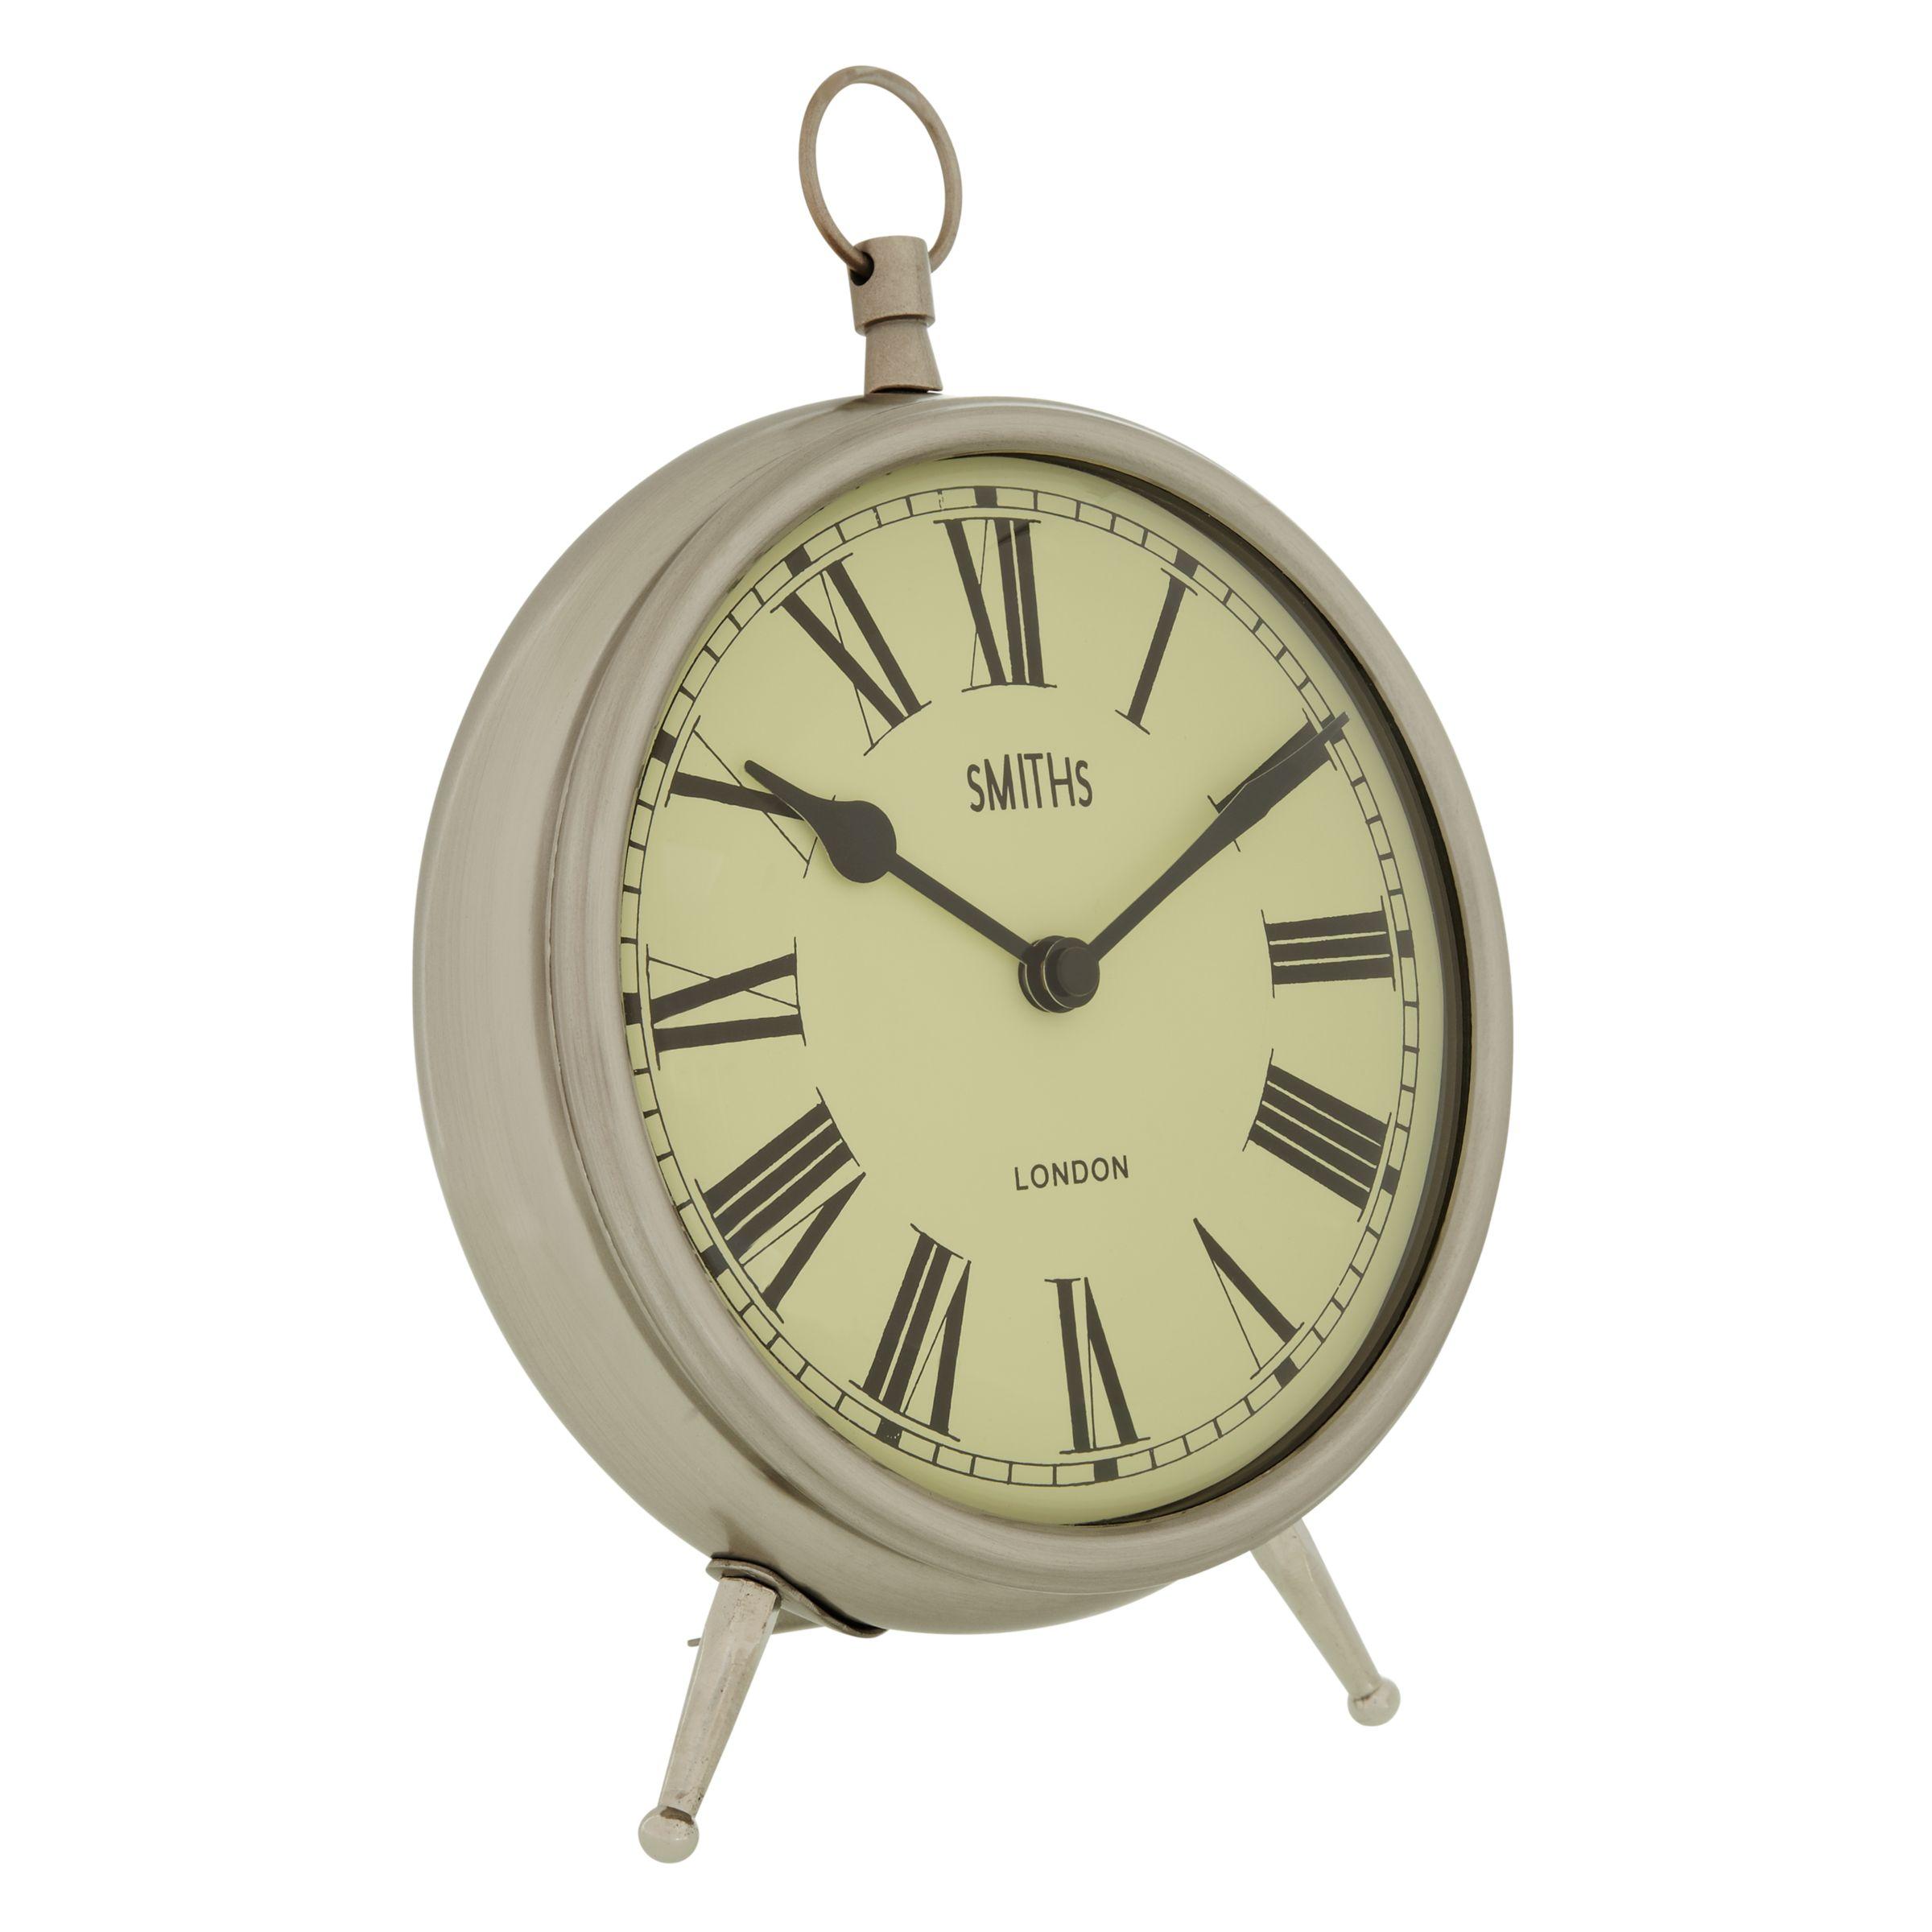 Lascelles Lascelles Smiths Mantel Clock, Chrome, Large